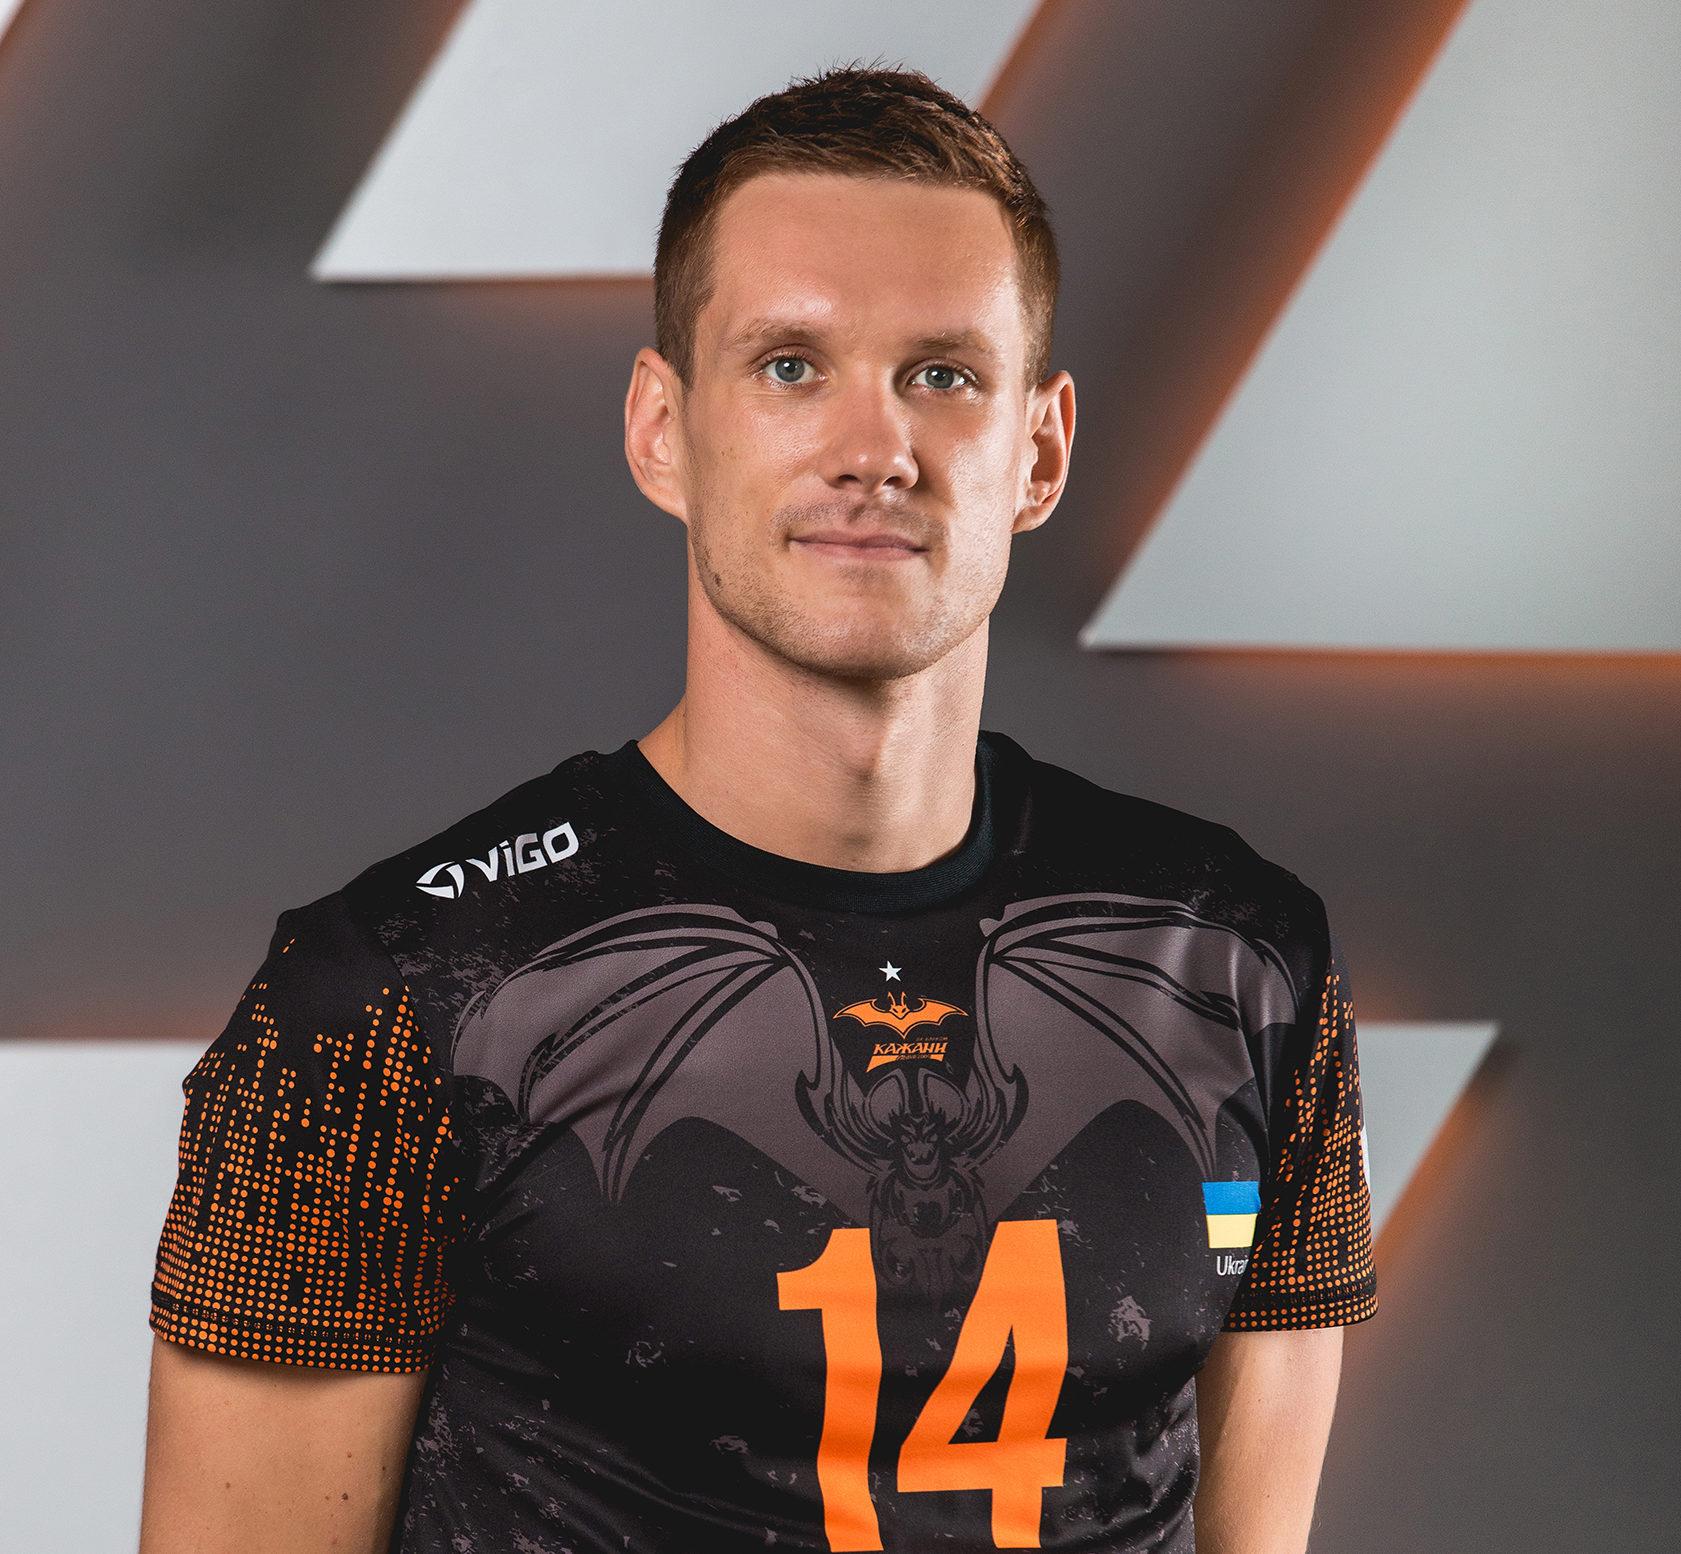 Гравець ВК «Барком-Кажани» Олександр Гладенко: « Нам потрібно перемагати, підтверджувати звання чемпіона»